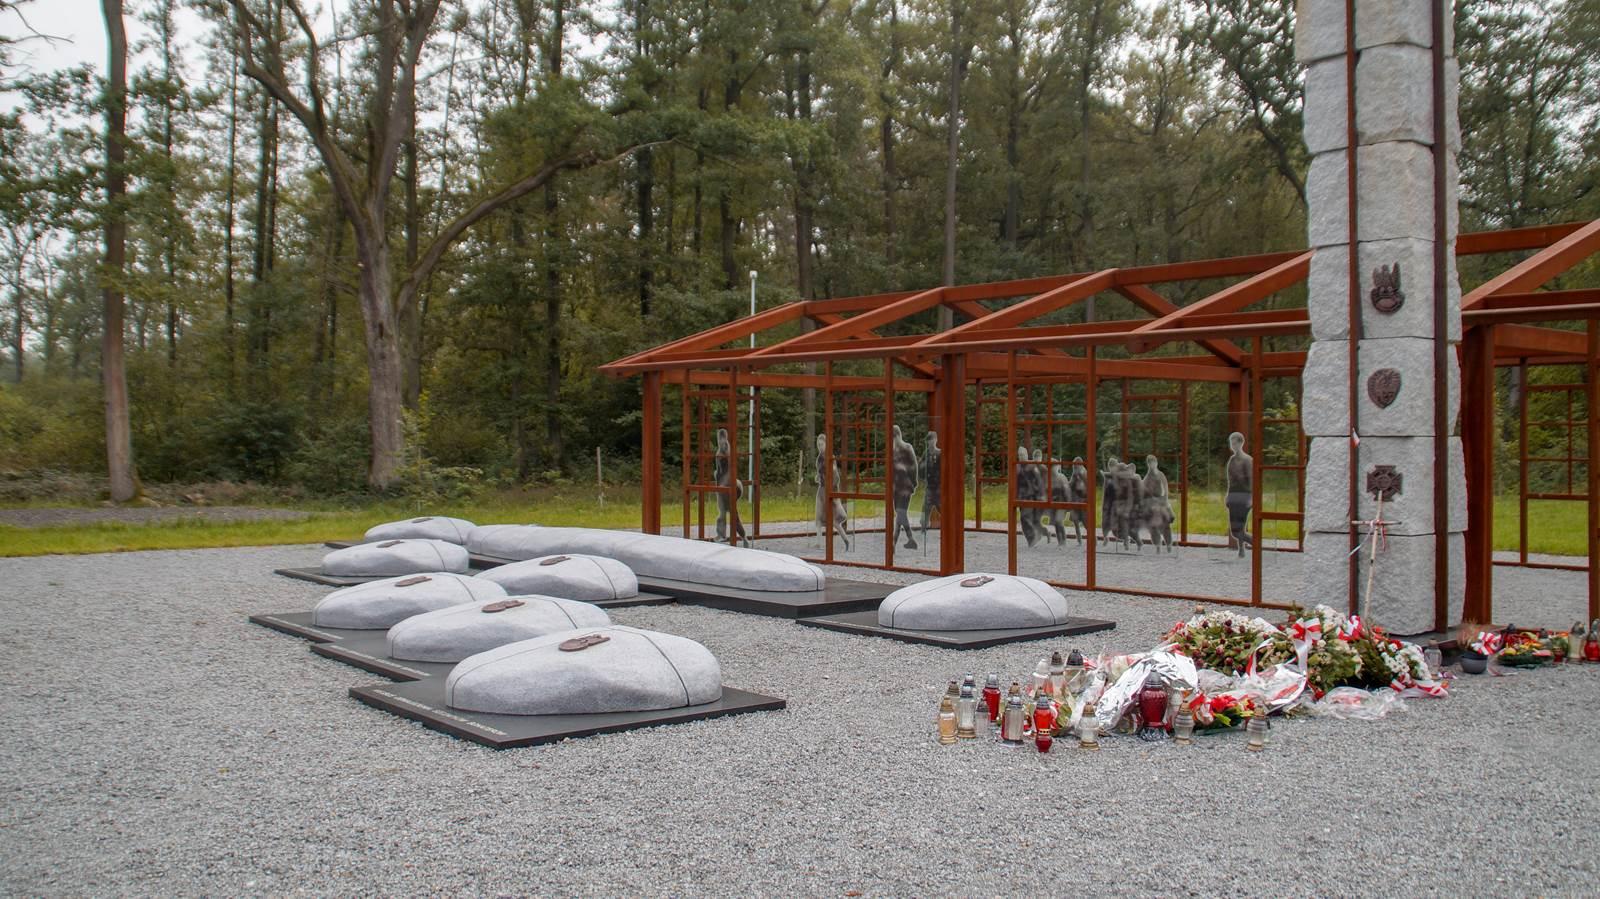 Pomnik Żołnierzy Wyklętych Opolskie